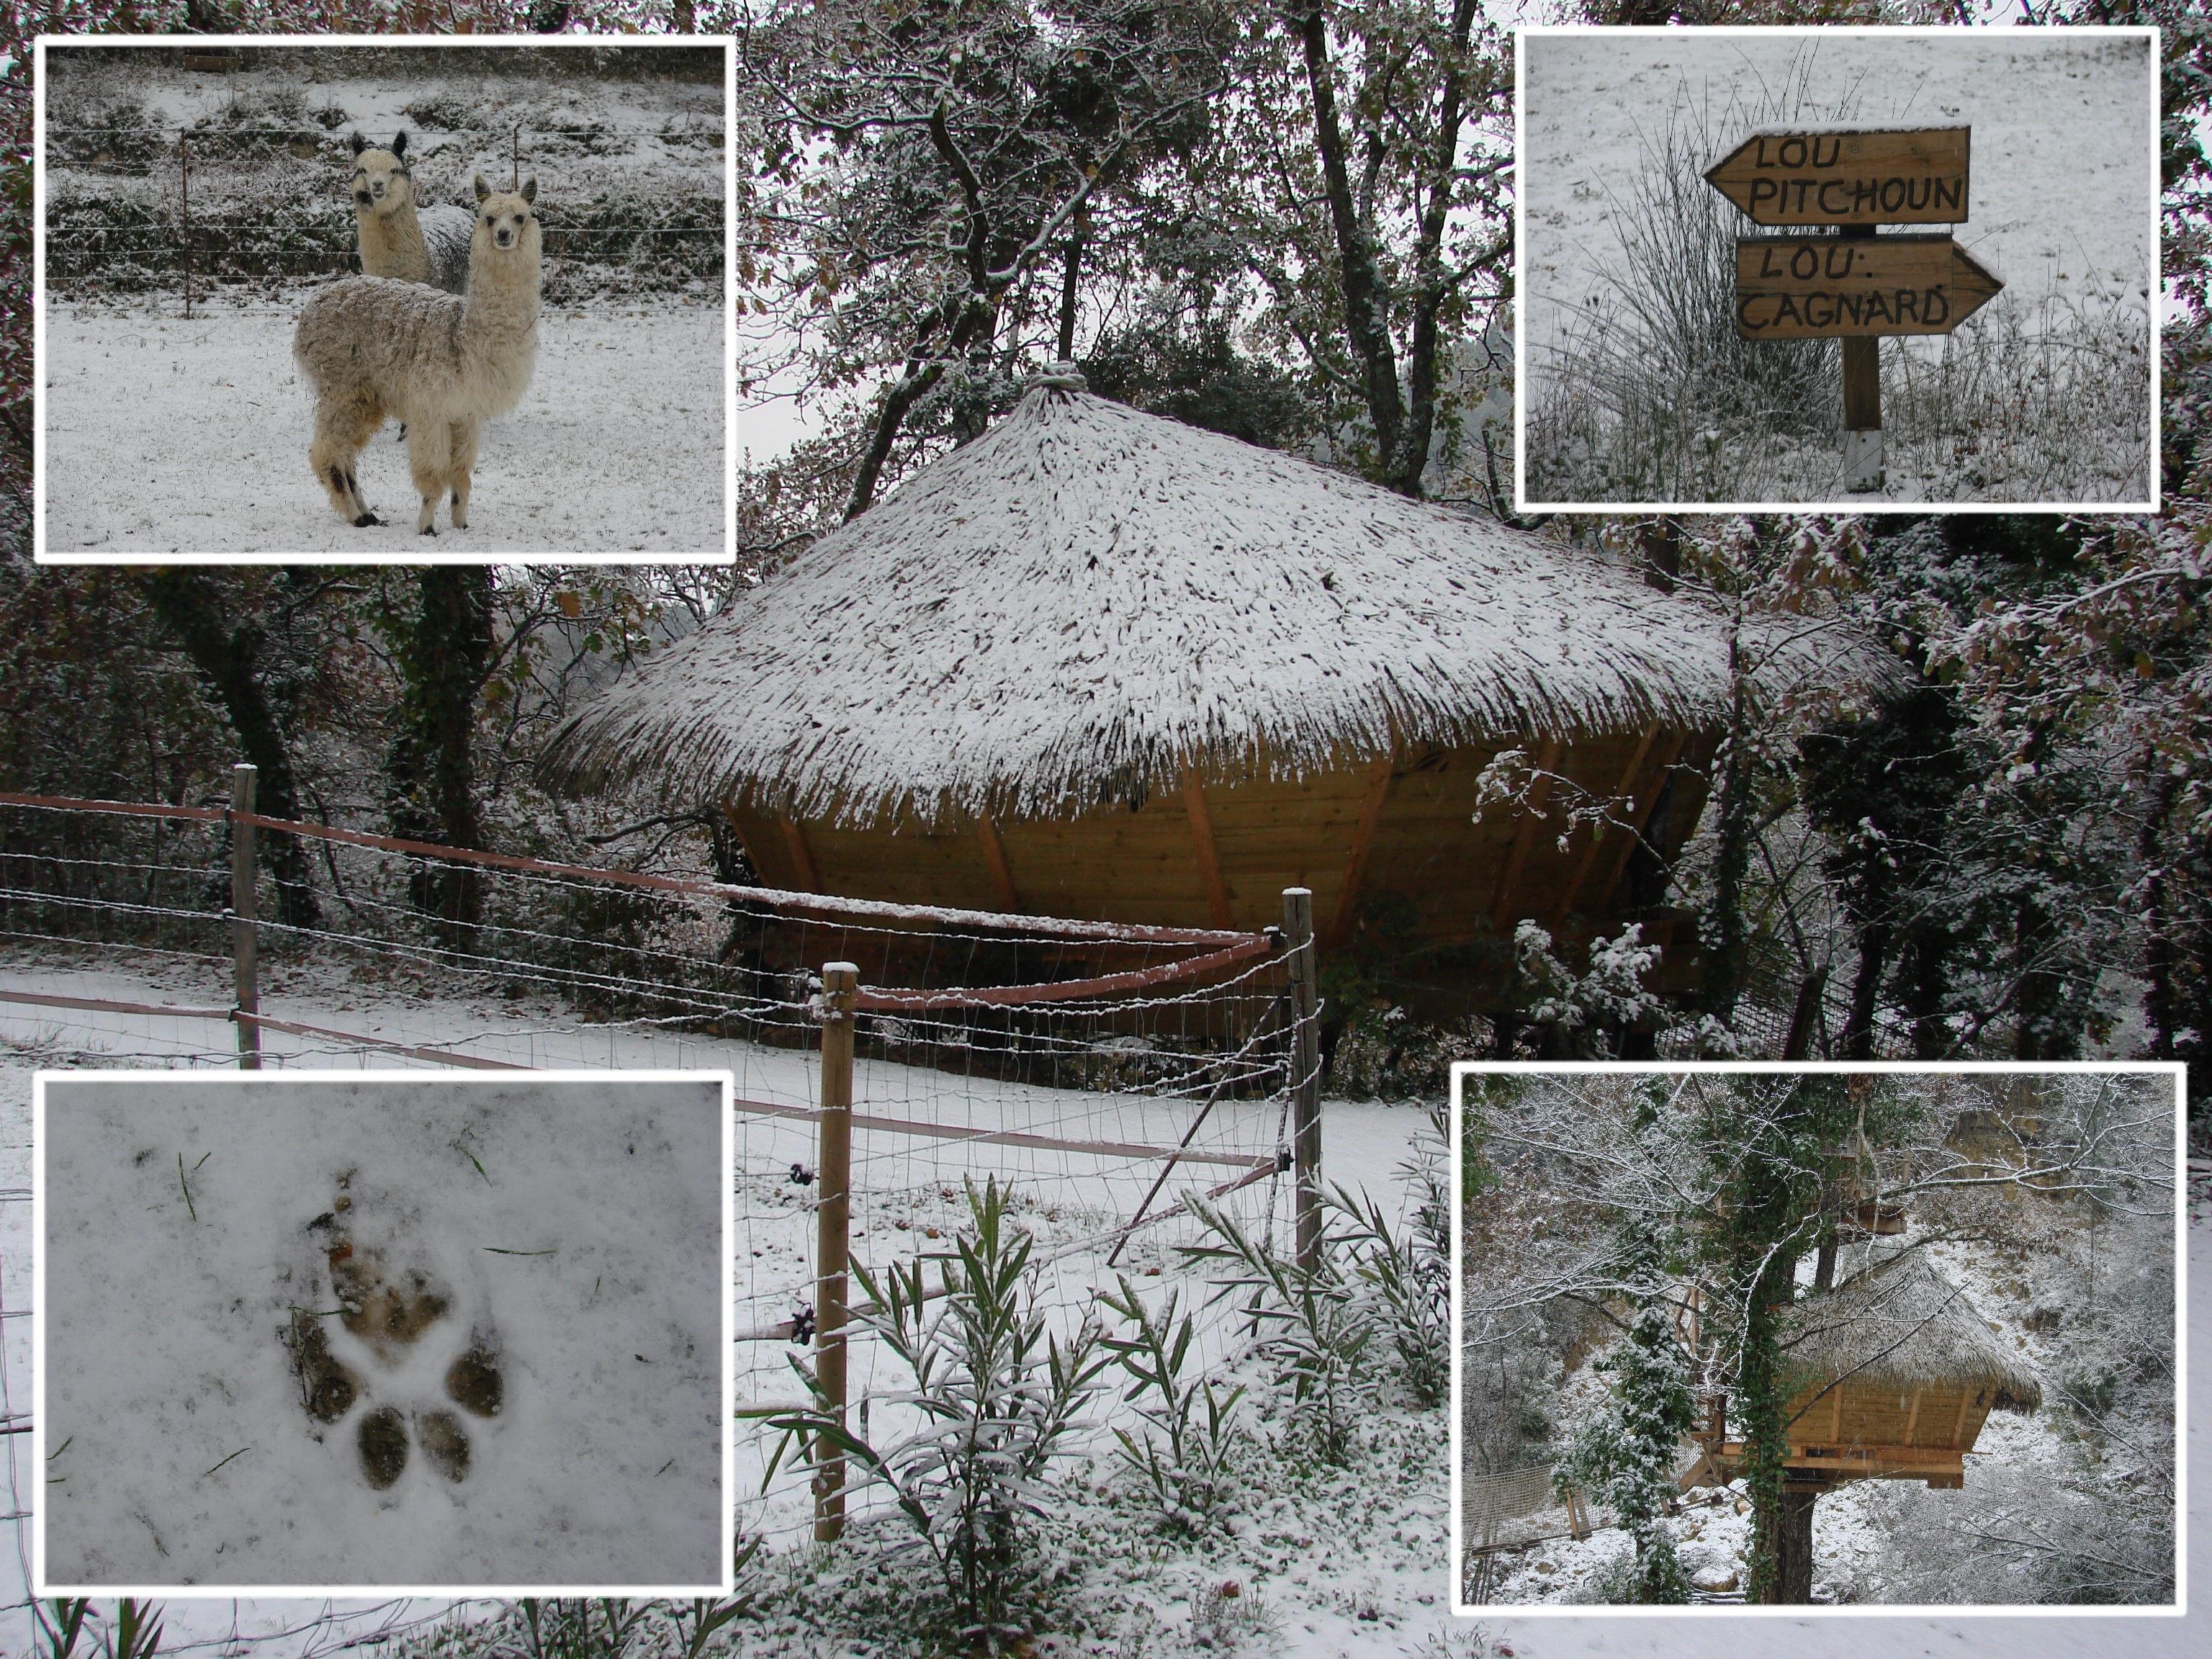 Varon-Lou-Cagnard-dans-la-neige